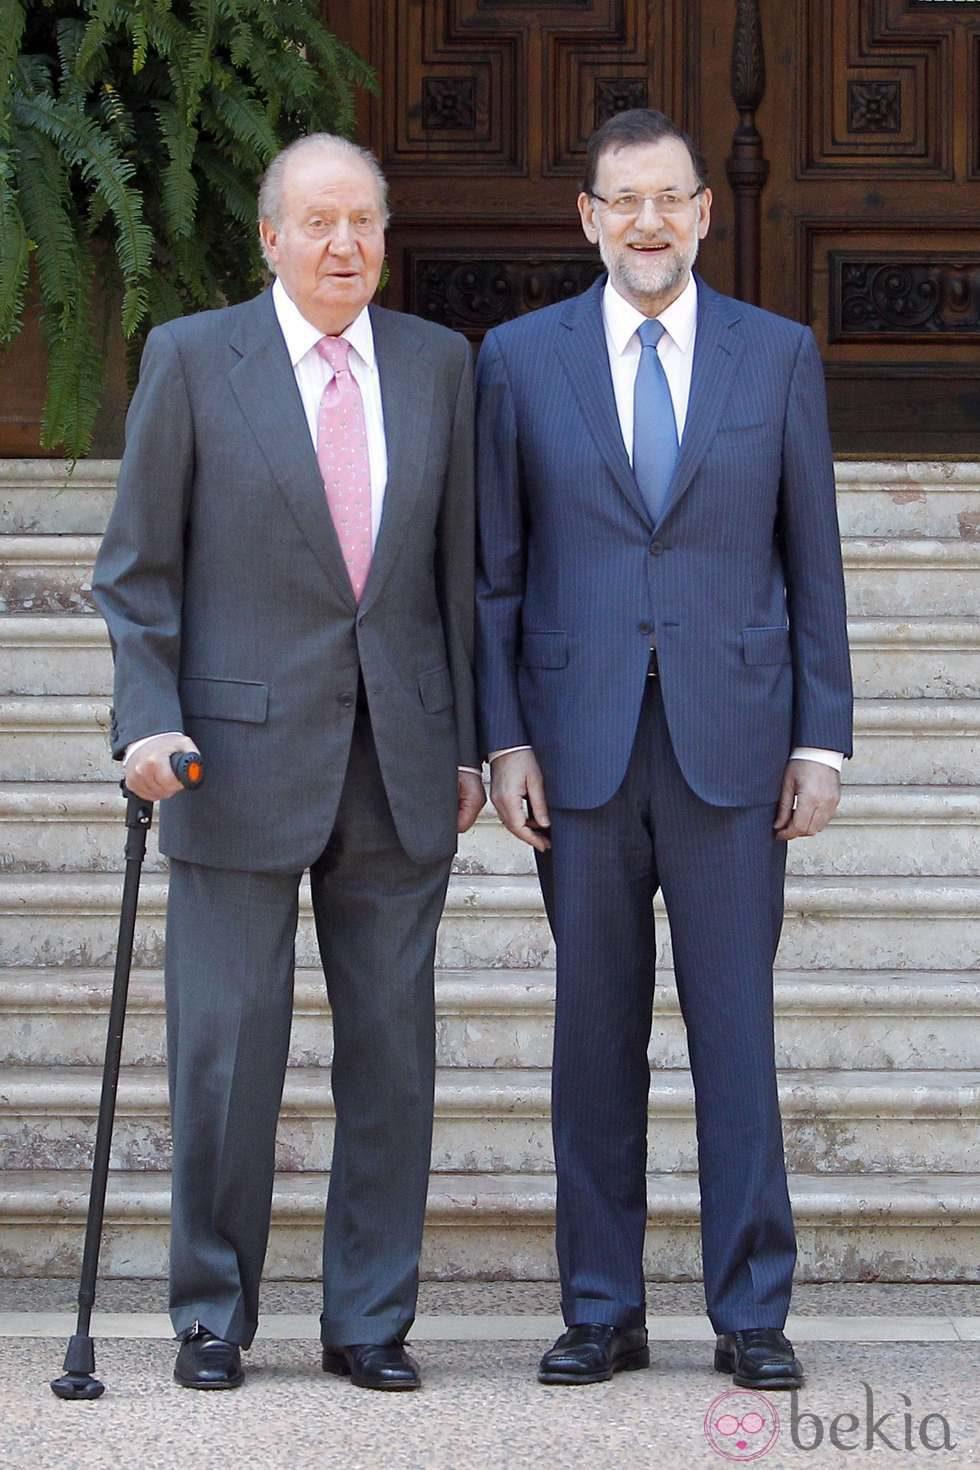 ¿Cuánto mide el Rey Juan Carlos I? - Altura - Real height 45085_rey-juan-carlos-mariano-rajoy-despacho-marivent